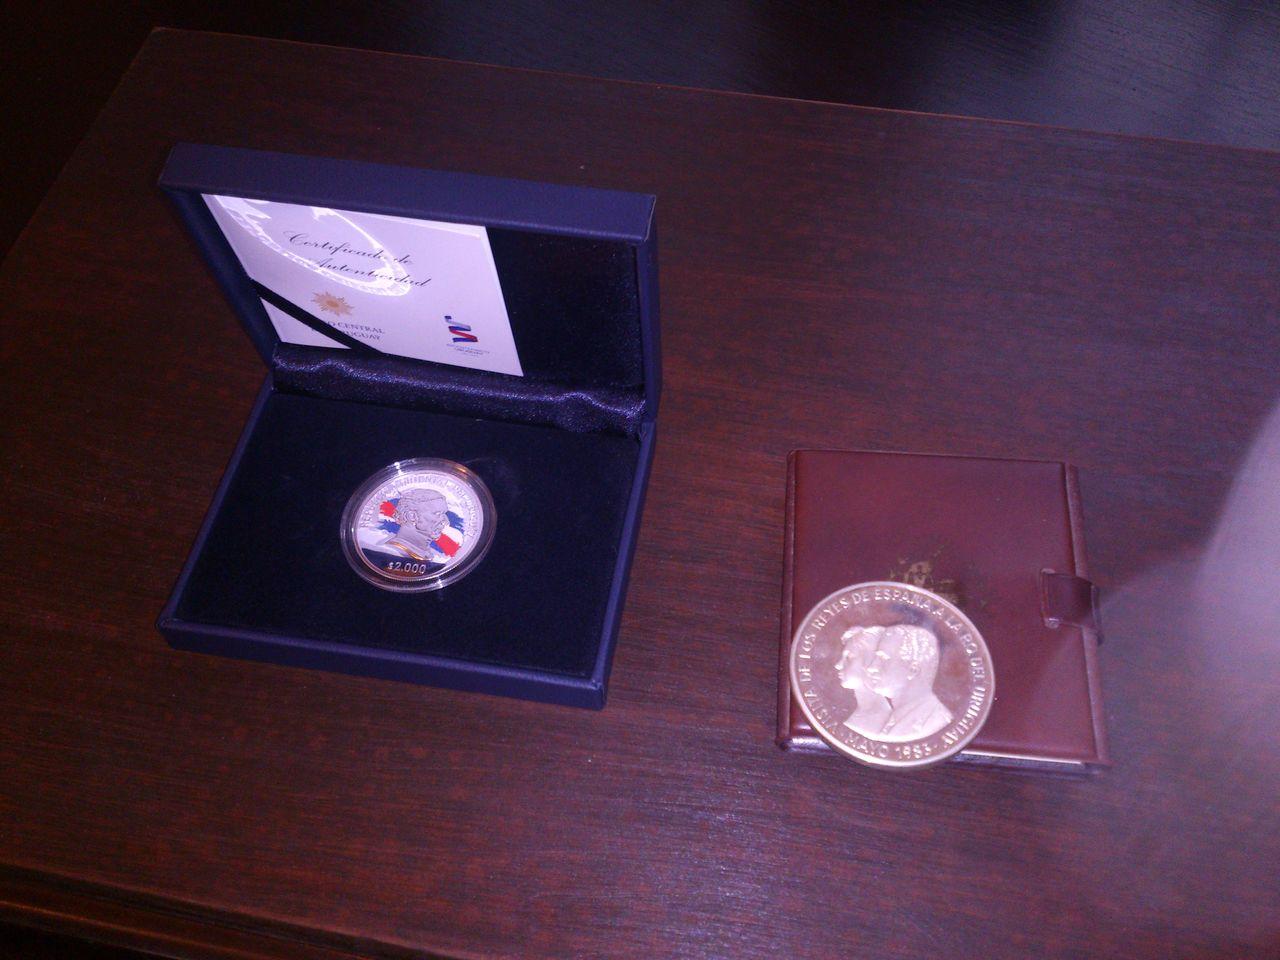 Monedas conmemorativas de Uruguay acuñadas en plata 1961 - Presente. DSC_8965